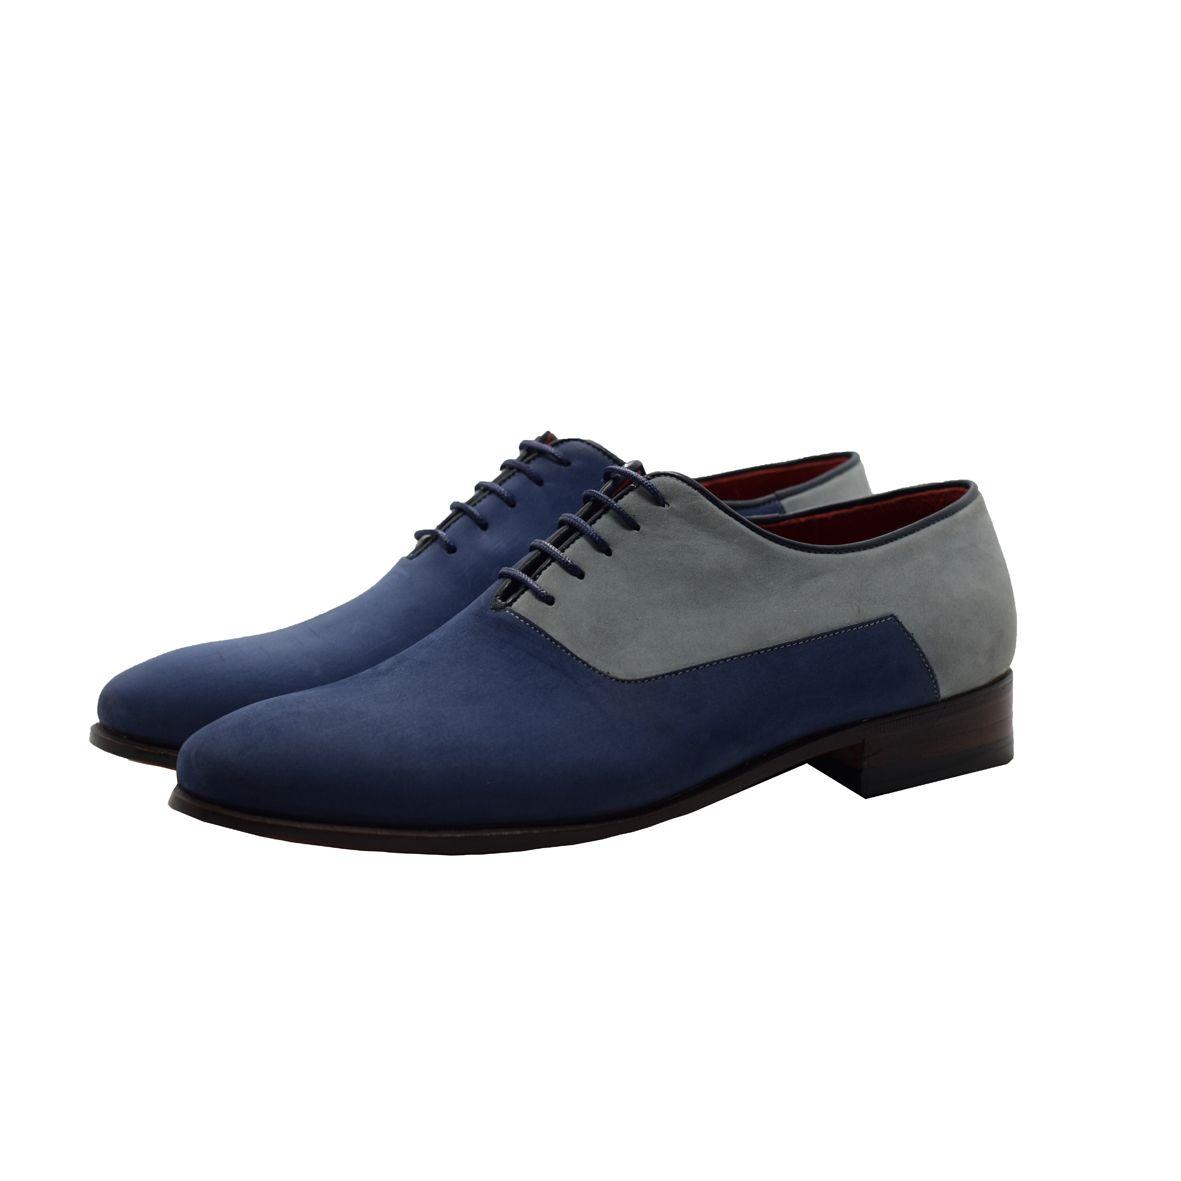 کفش مردانه دگرمان مدل آدر کد deg.2301-239 -  - 3